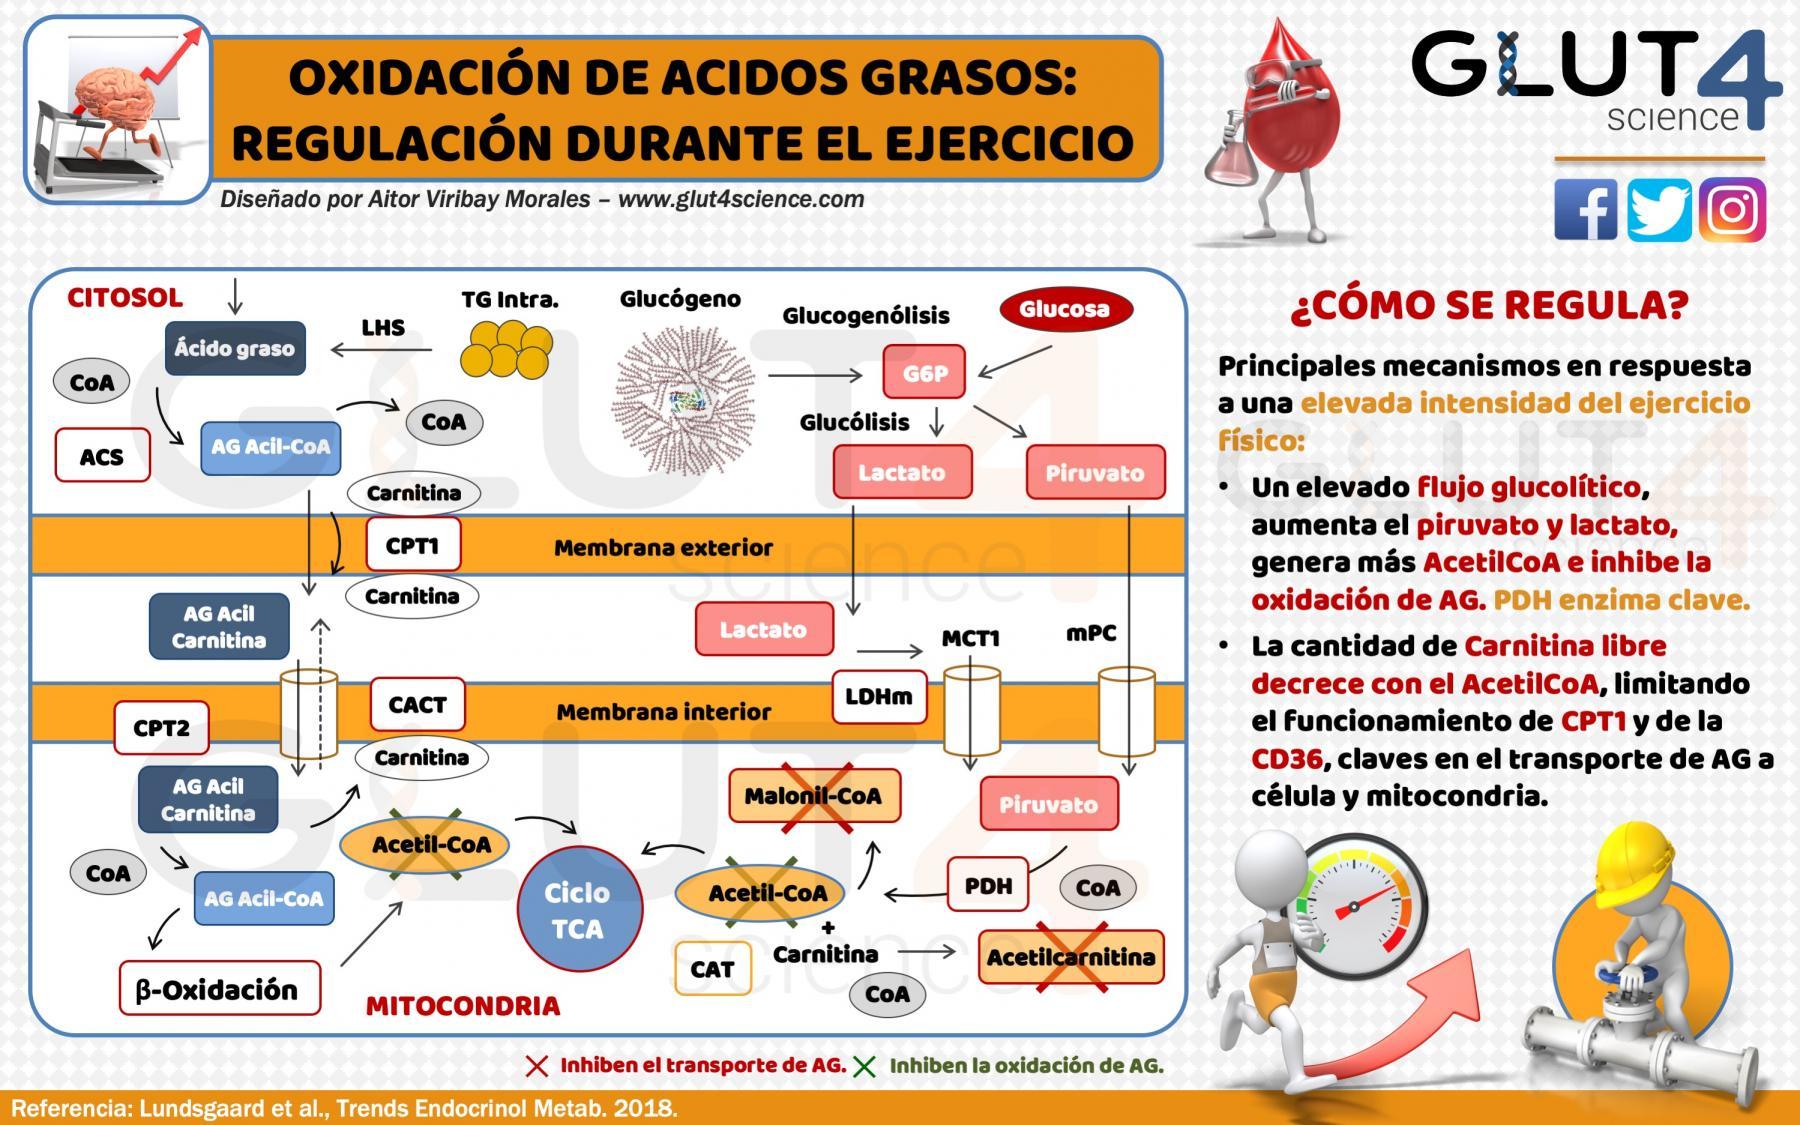 Regulación de la Oxidación de los Acidos Grasos Durante el Ejercicio